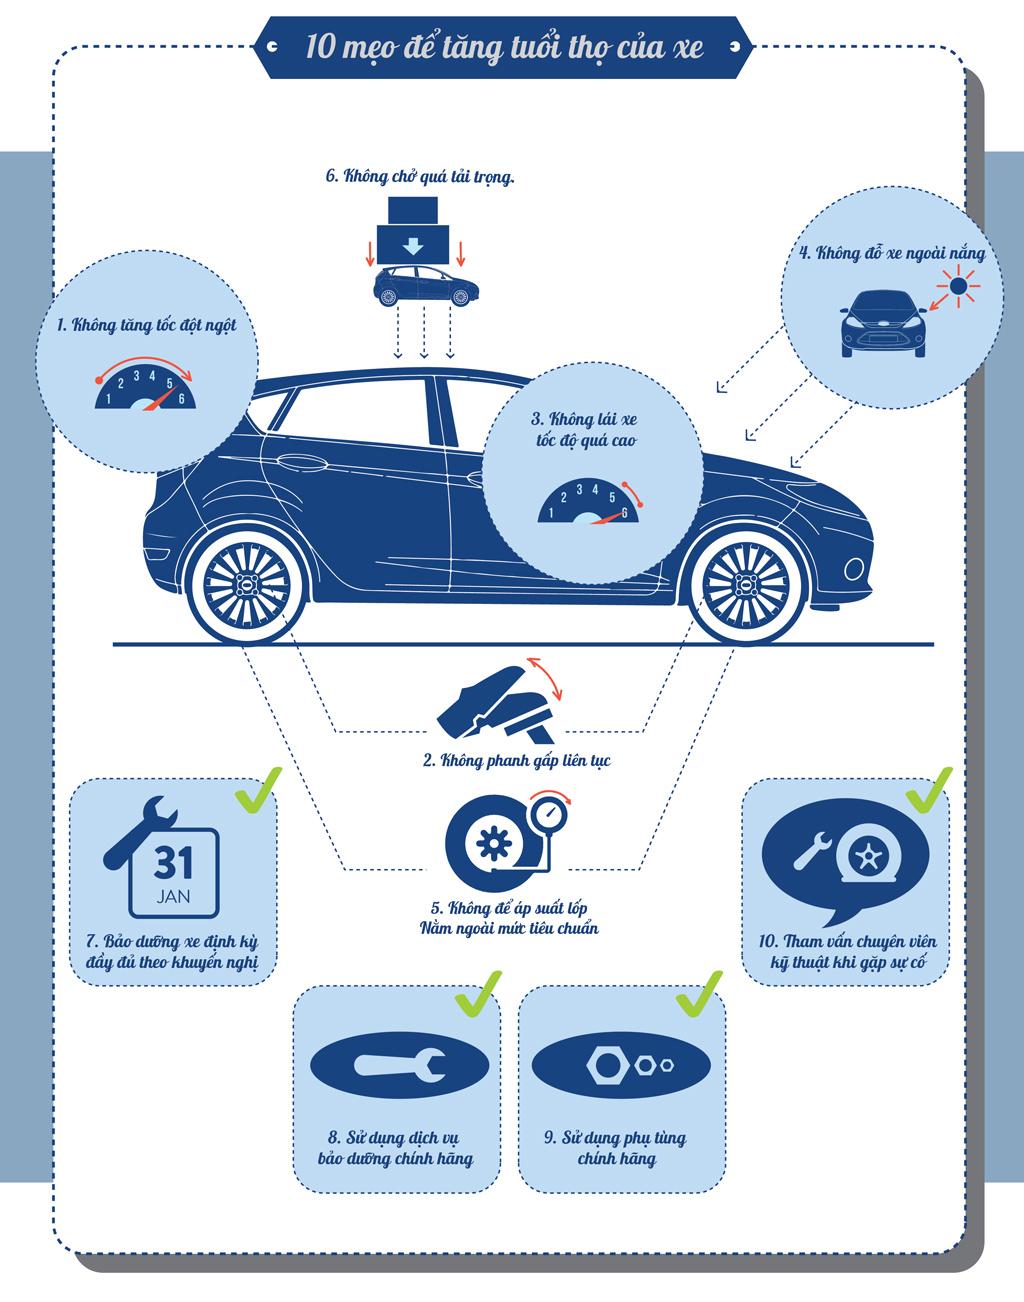 Sử dụng xe hơi sao cho bền